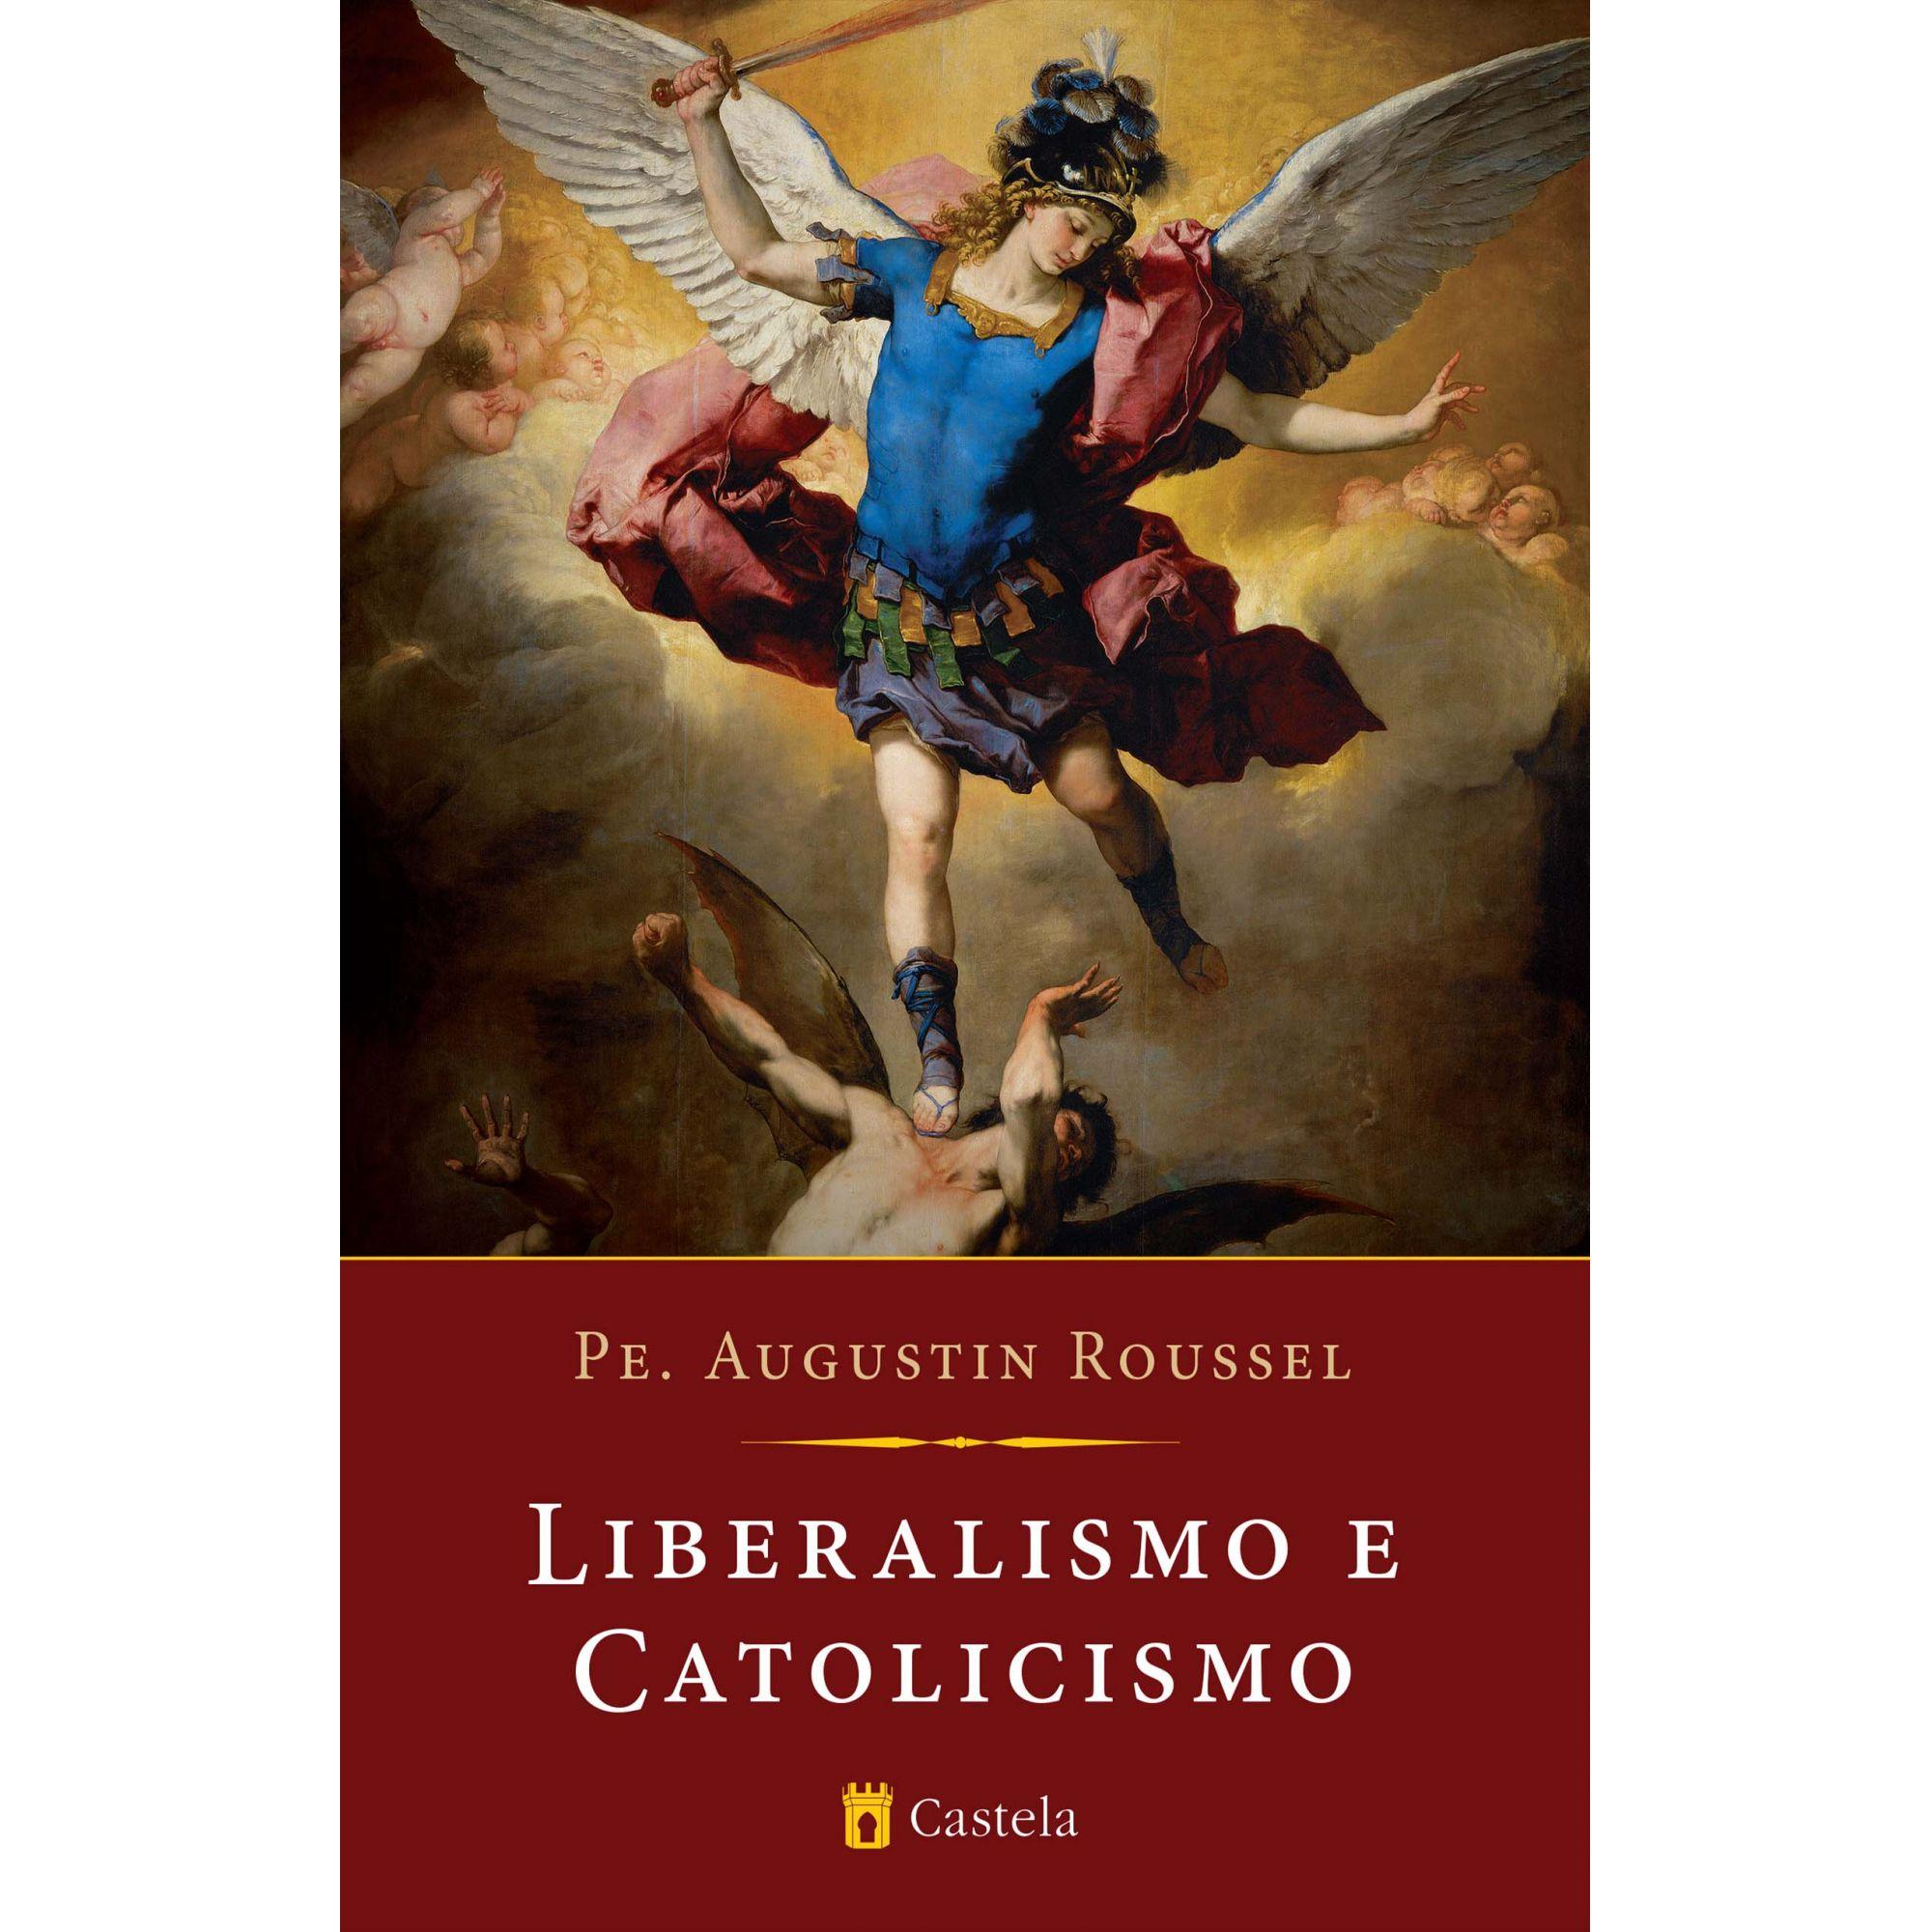 Liberalismo e catolicismo - Pe. Roussel (PRÉ-VENDA)